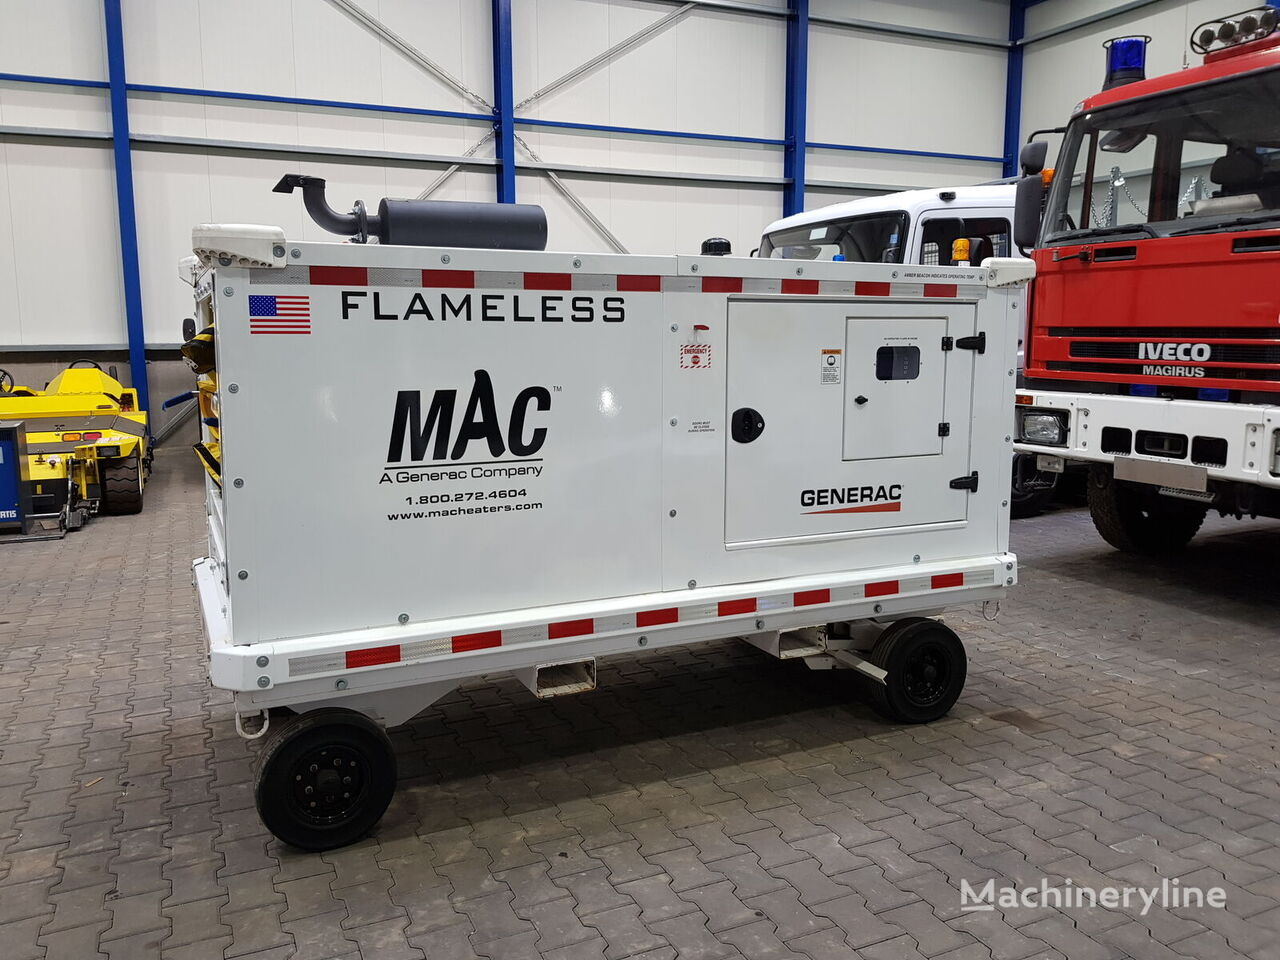 ISUZU GENERAC MAC400FHC otra maquinaria de aeropuerto